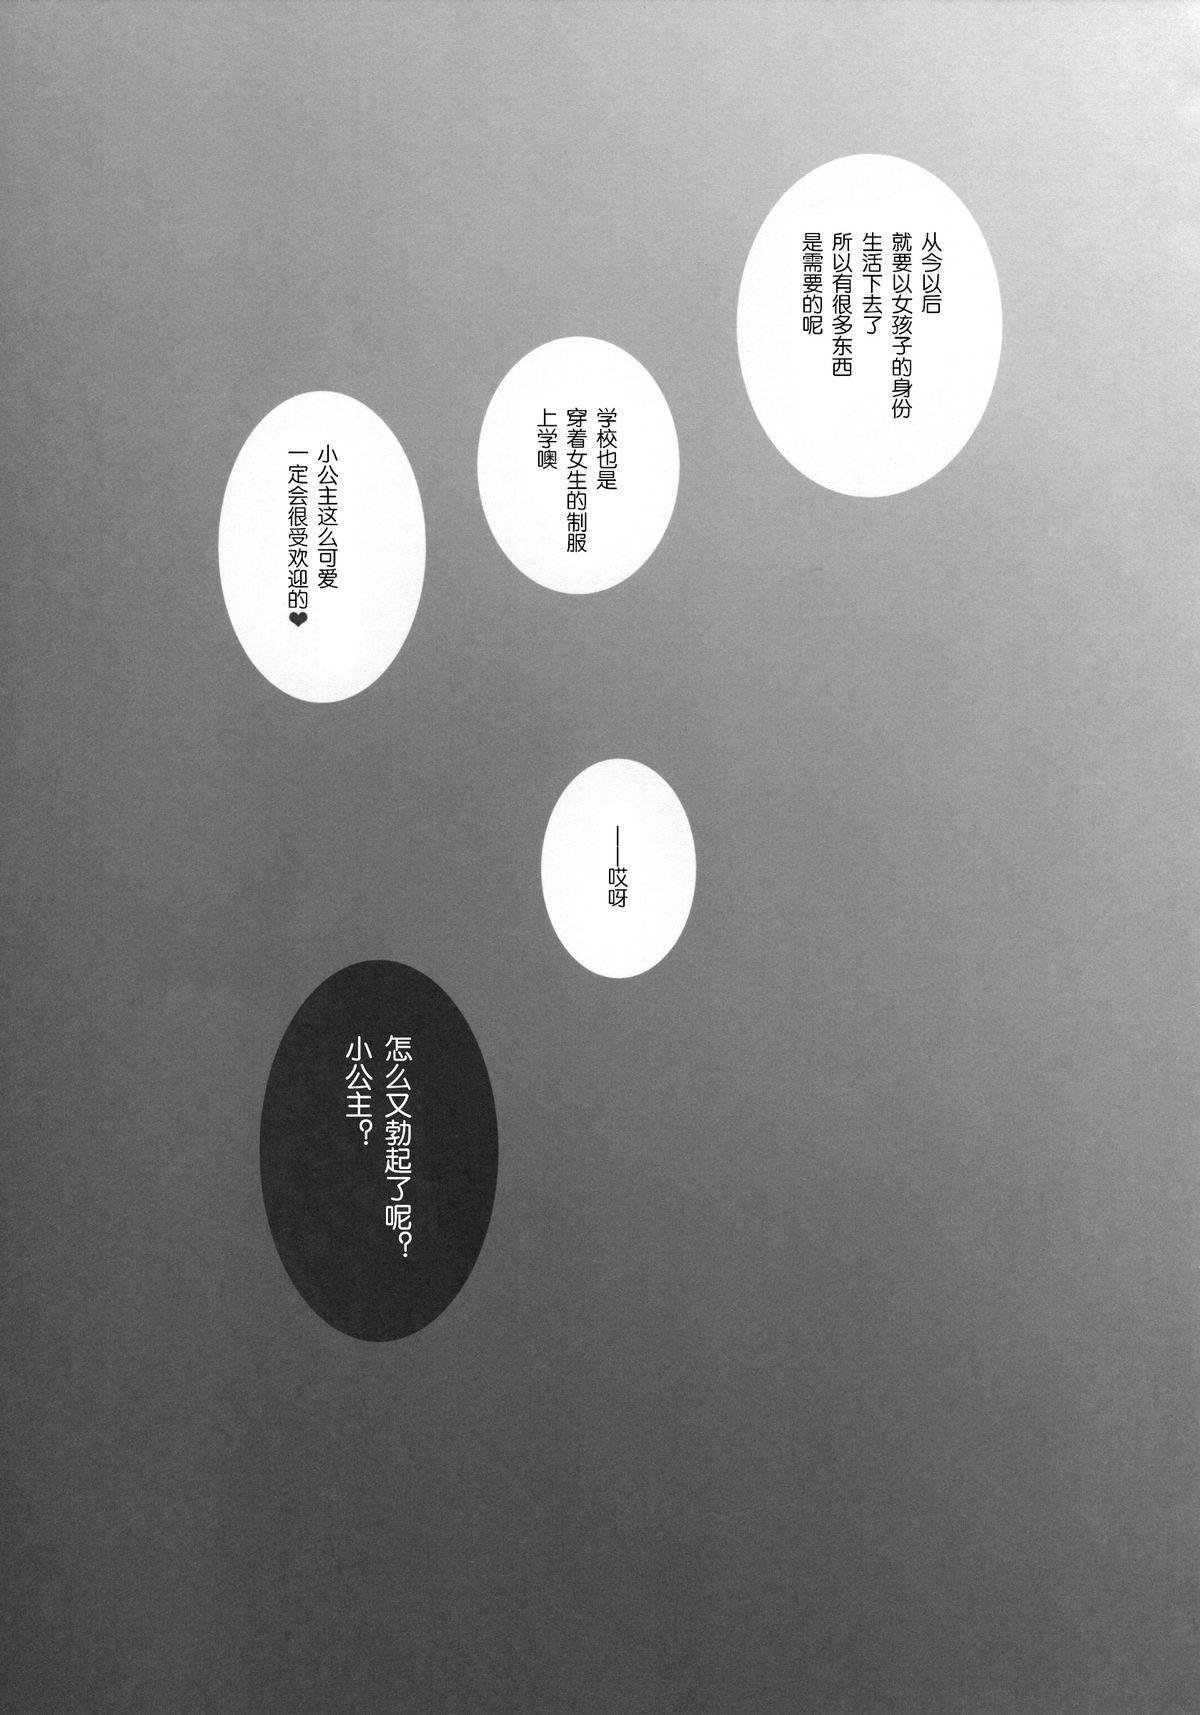 Futanari Onee-san x Otokonoko Cosplayer ♥ Mesu Ochi Choukyou 19